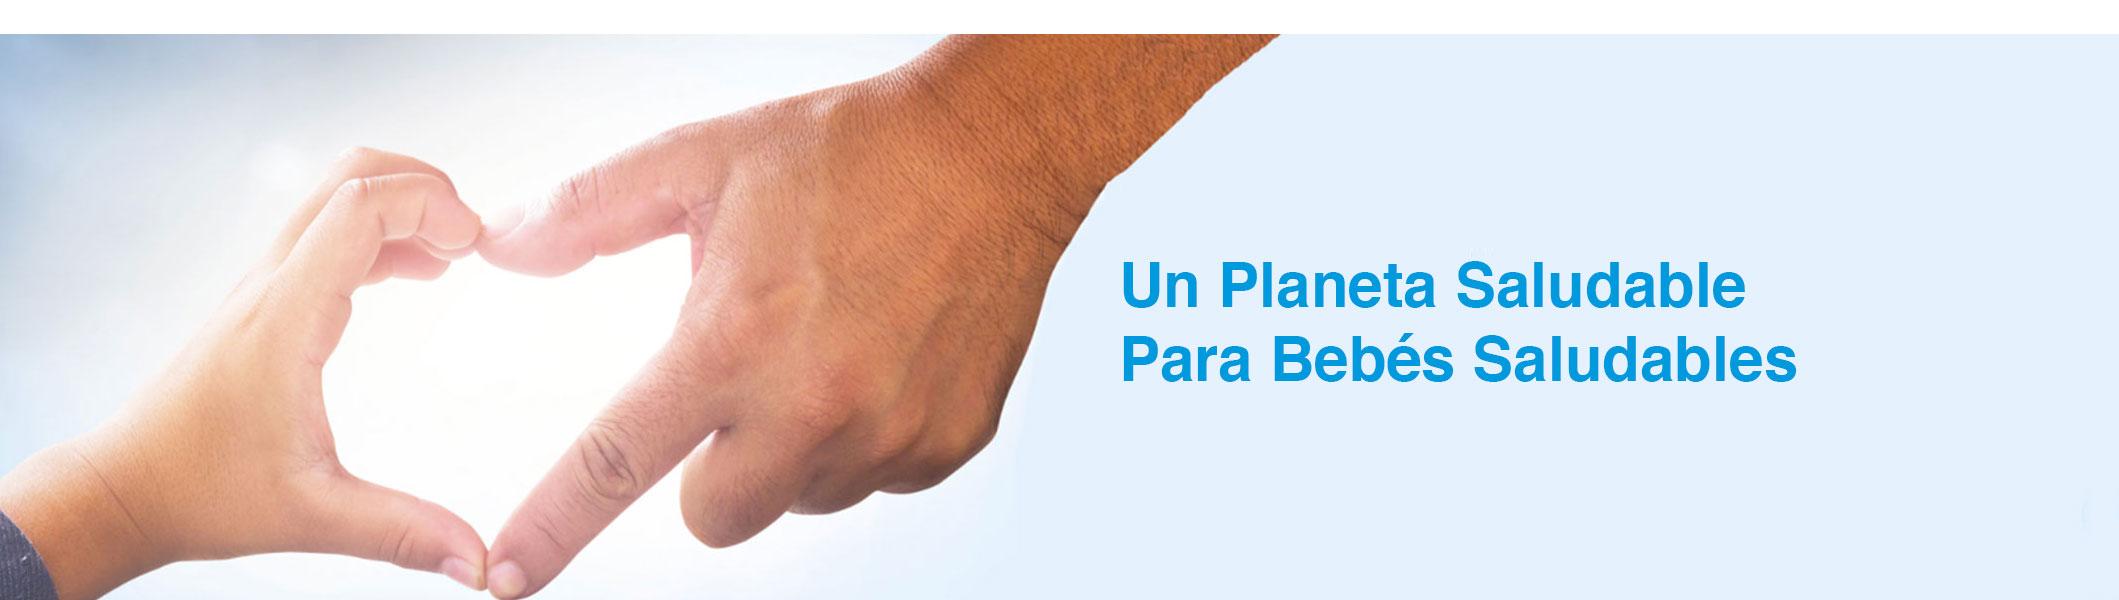 Un planeta saludable para bebés saludables